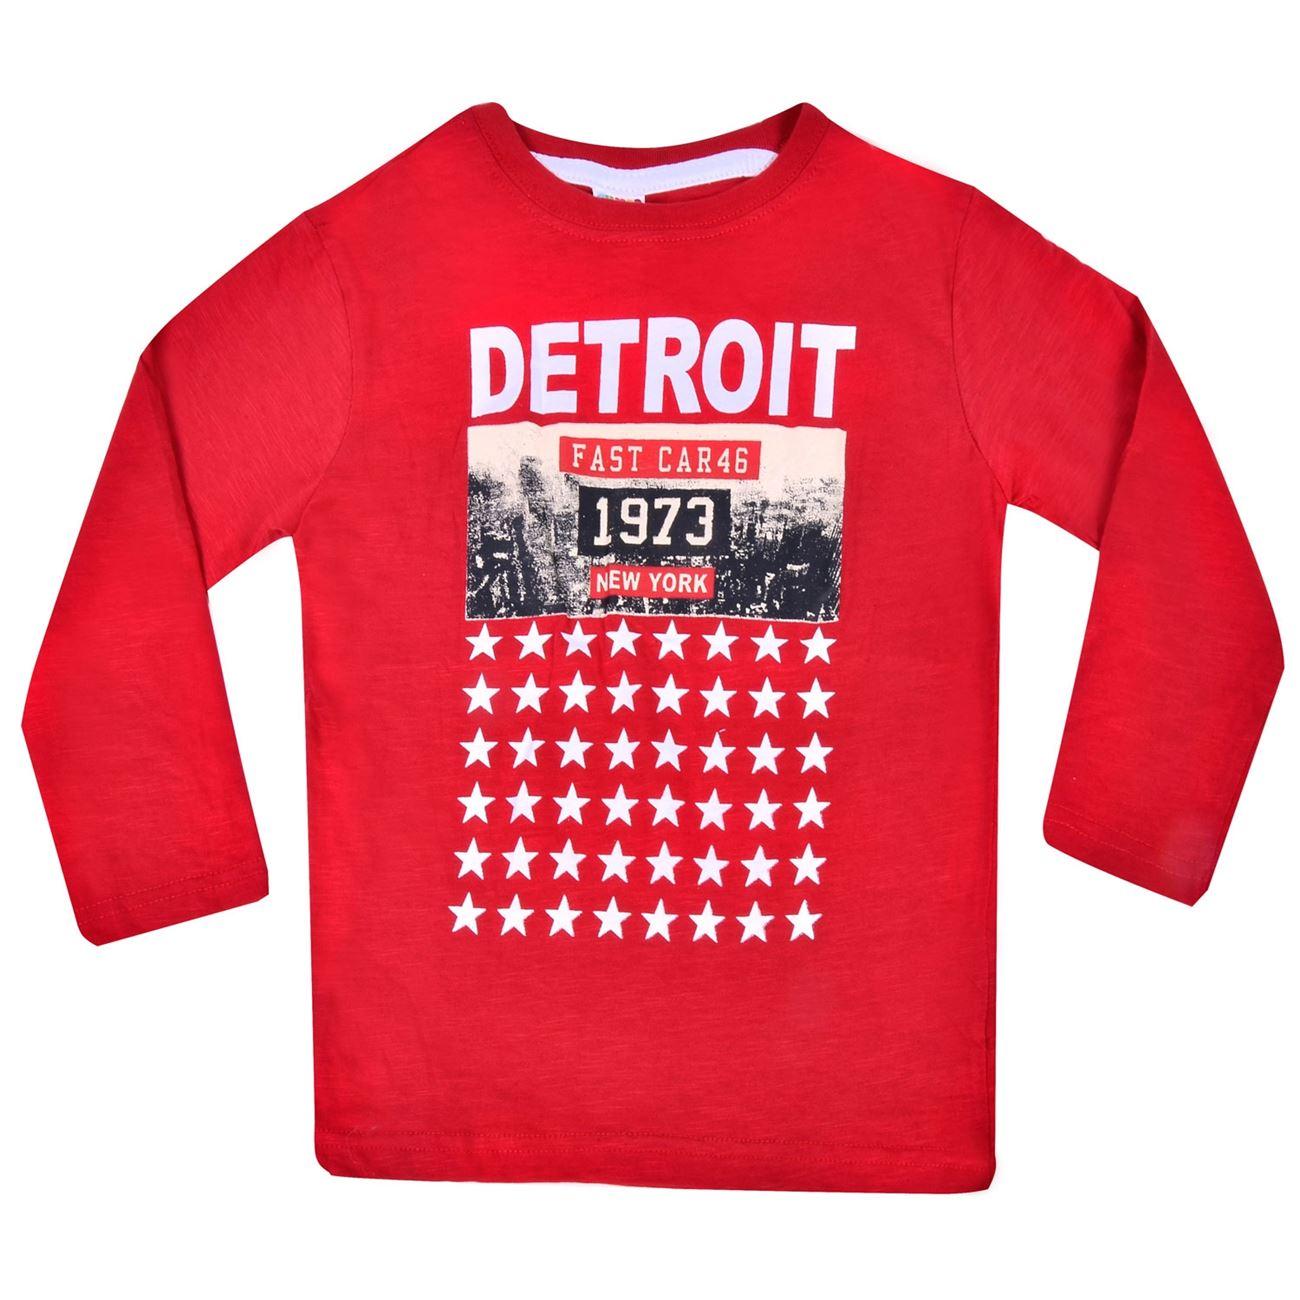 Μπλούζα Παιδική Κόκκινη Detroit Τύπωμα   Μπλουζάκια Μακό για Αγόρια ... 4d353000edb